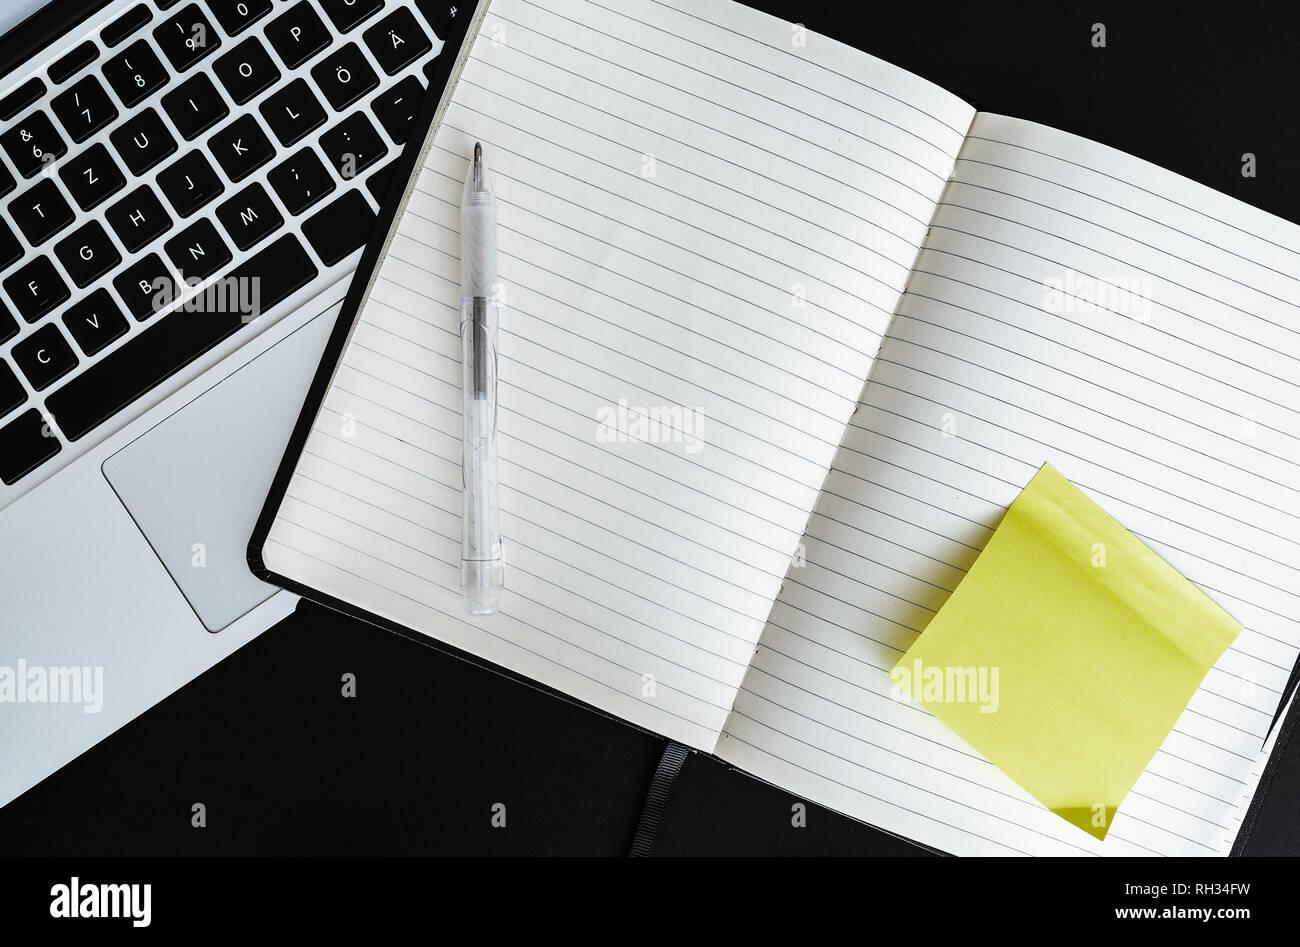 Blank aprire Appunti con bigliettino giallo accanto al computer portatile Immagini Stock